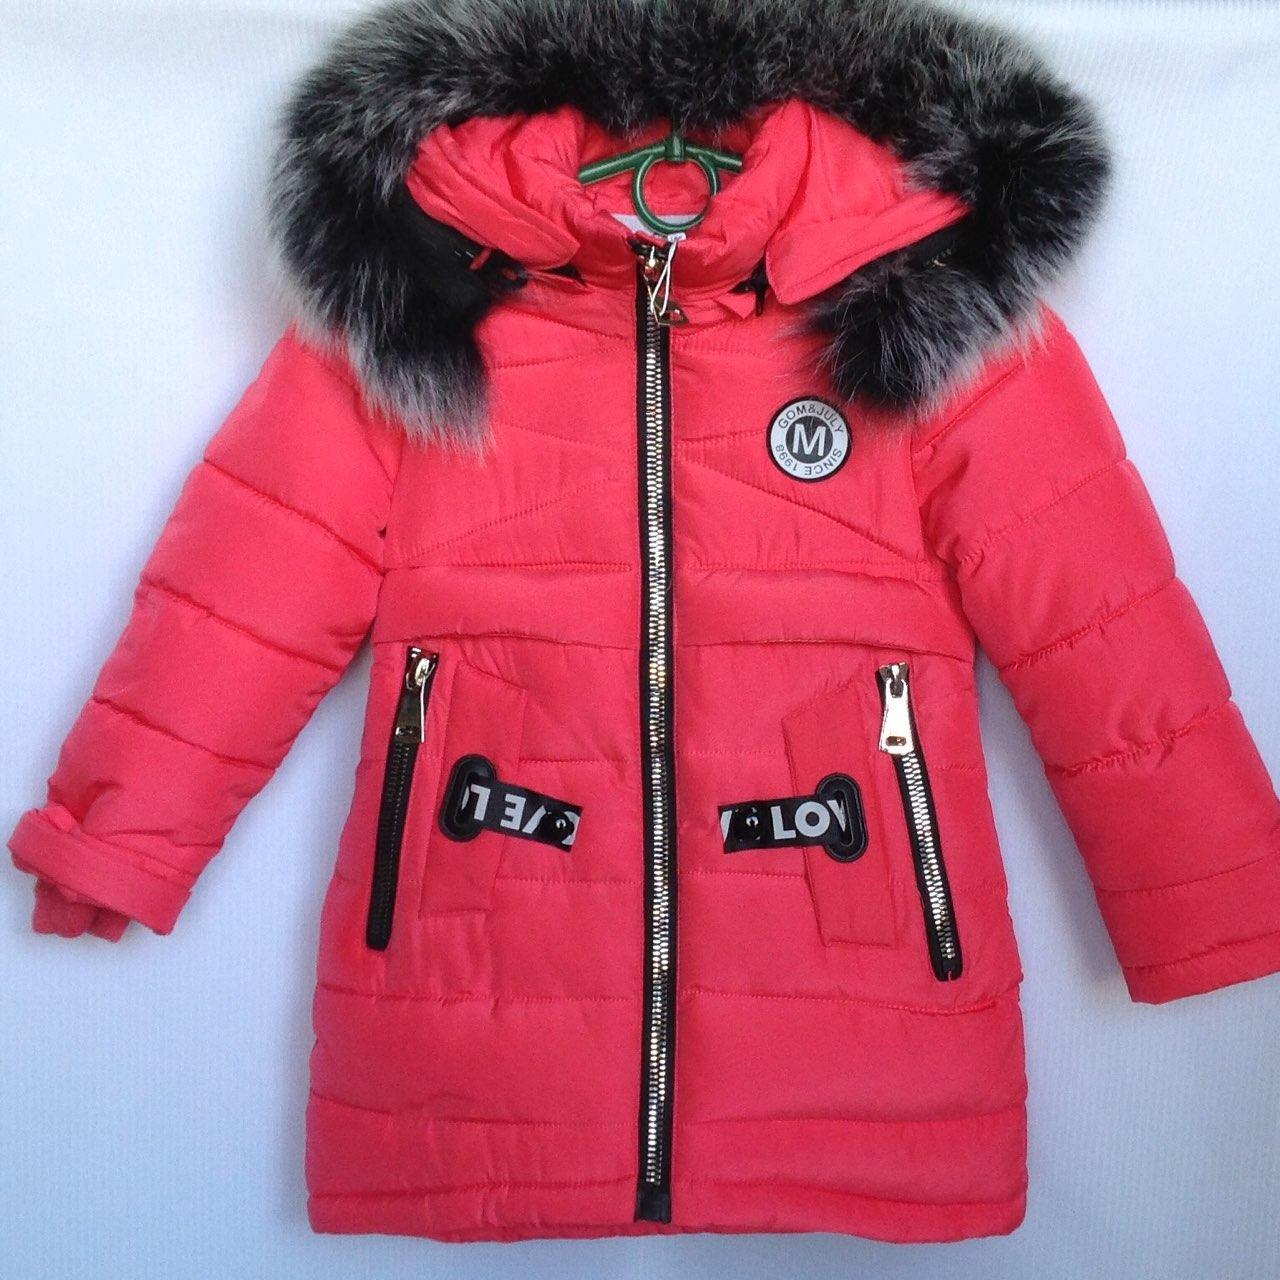 Куртка детская зимняя Gom&July #1736 для девочек. 86-110 см (1-5 лет). Коралловая. Оптом.